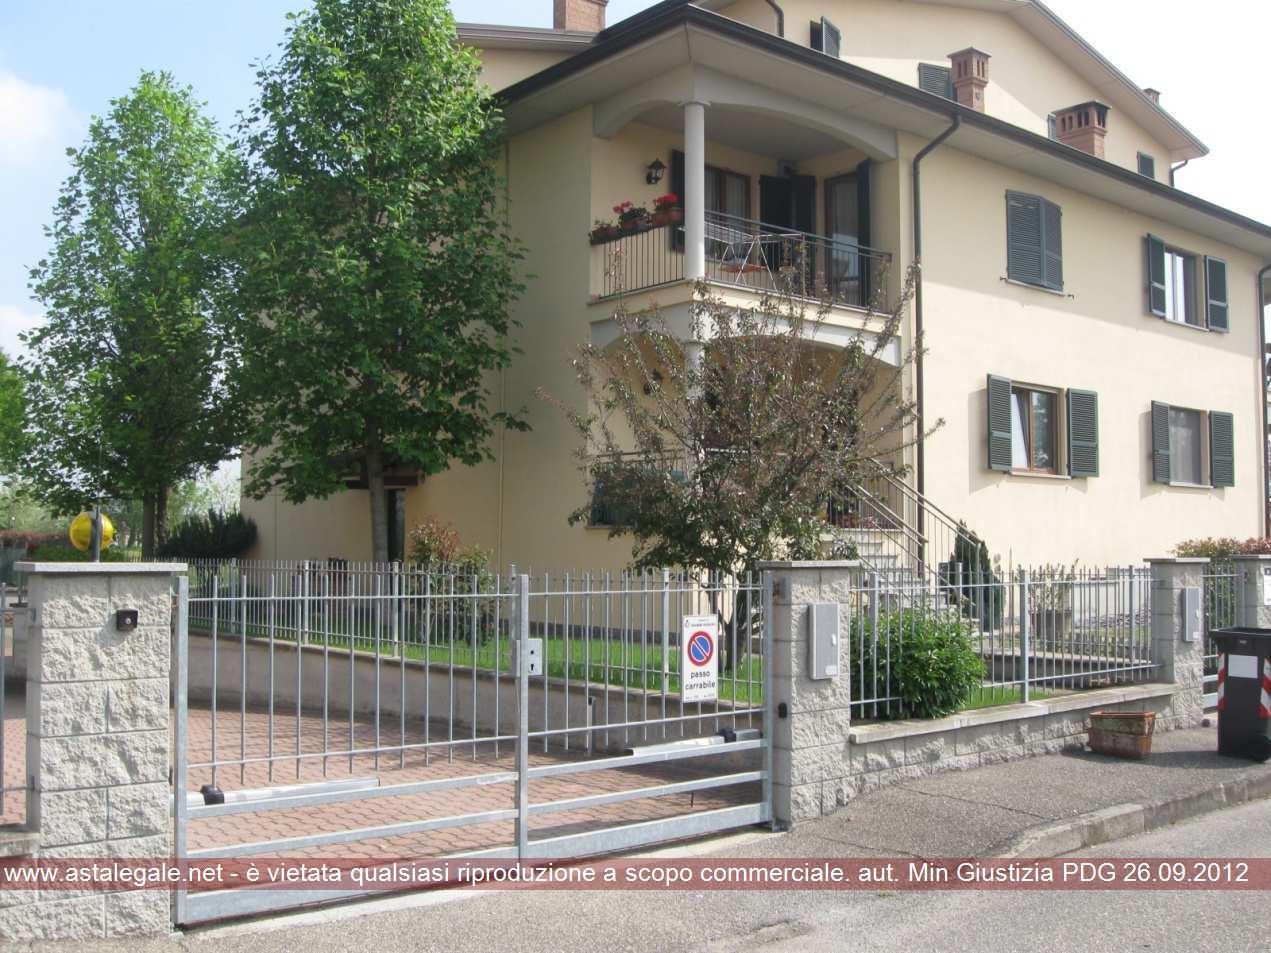 Gragnano Trebbiense (PC) Frazione Casaliggio, via San Giovanni Battista 5